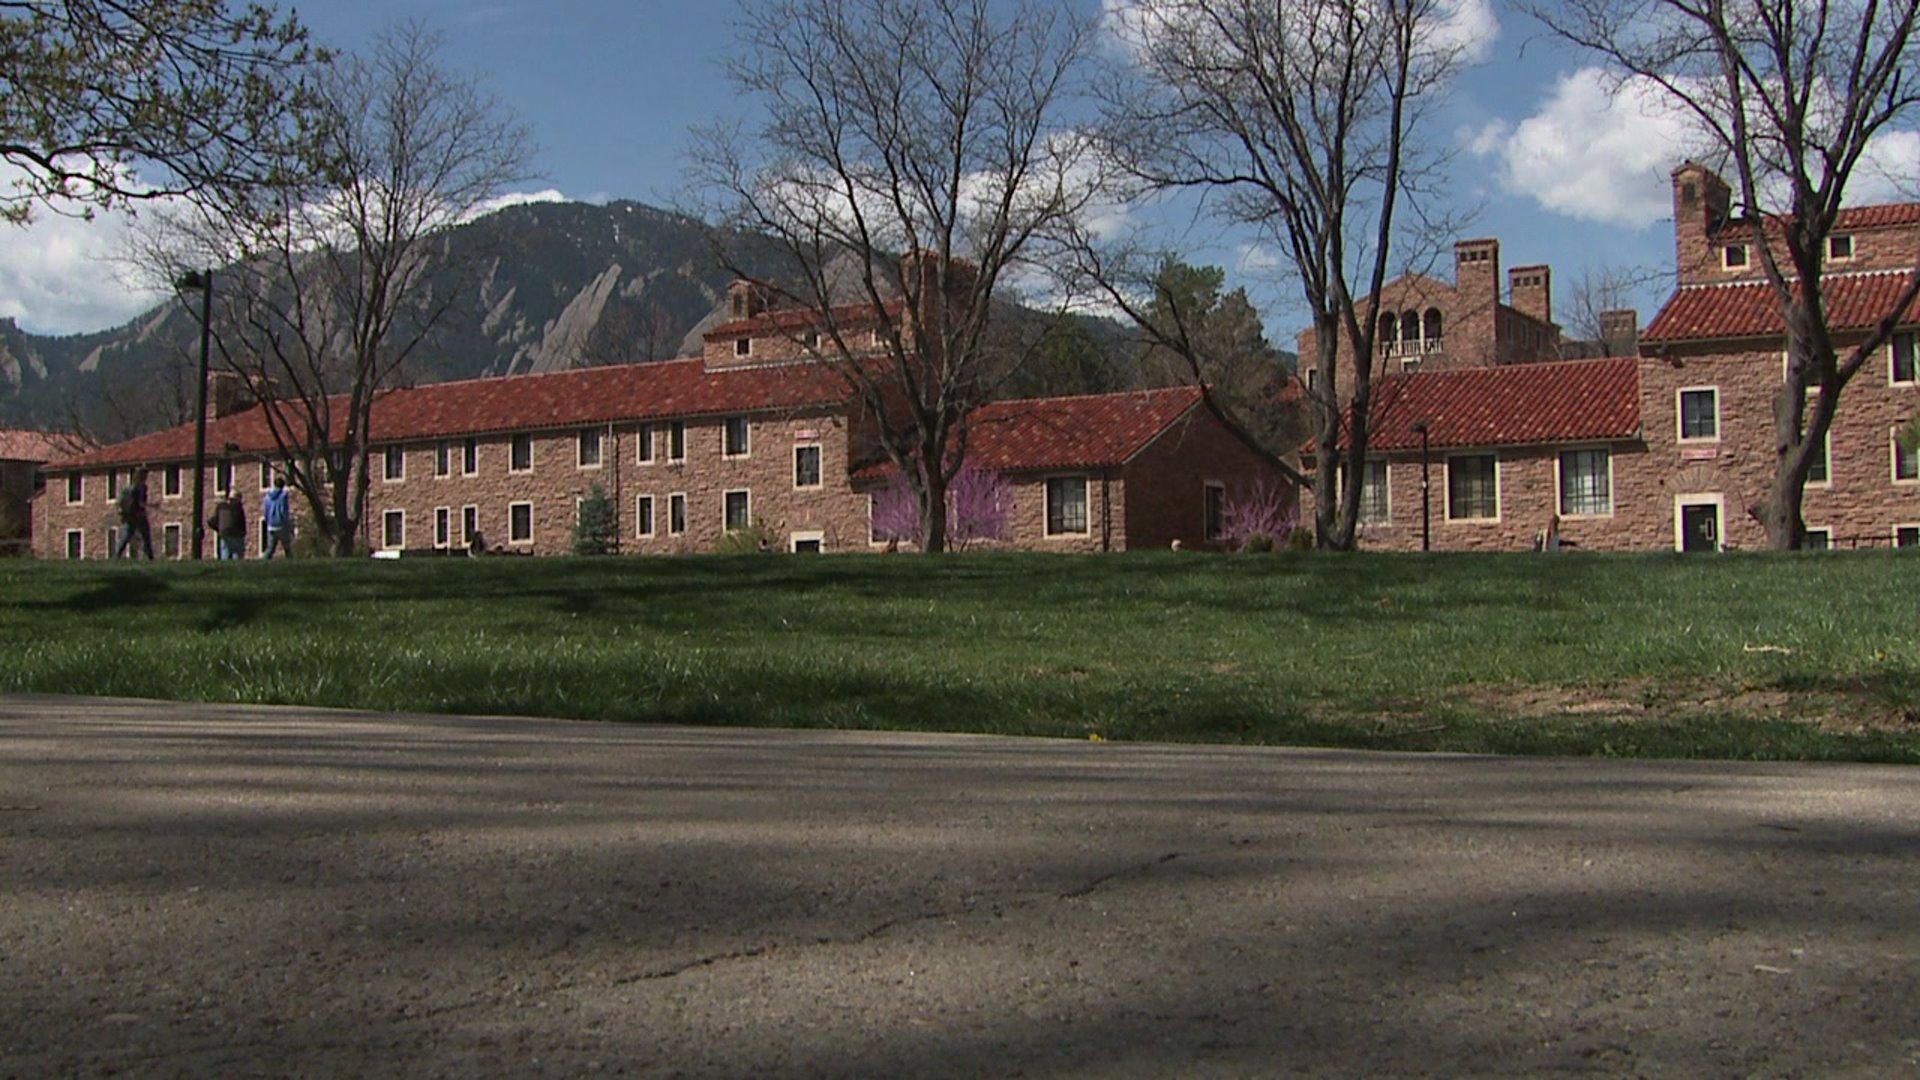 University of Colorado campus in Boulder